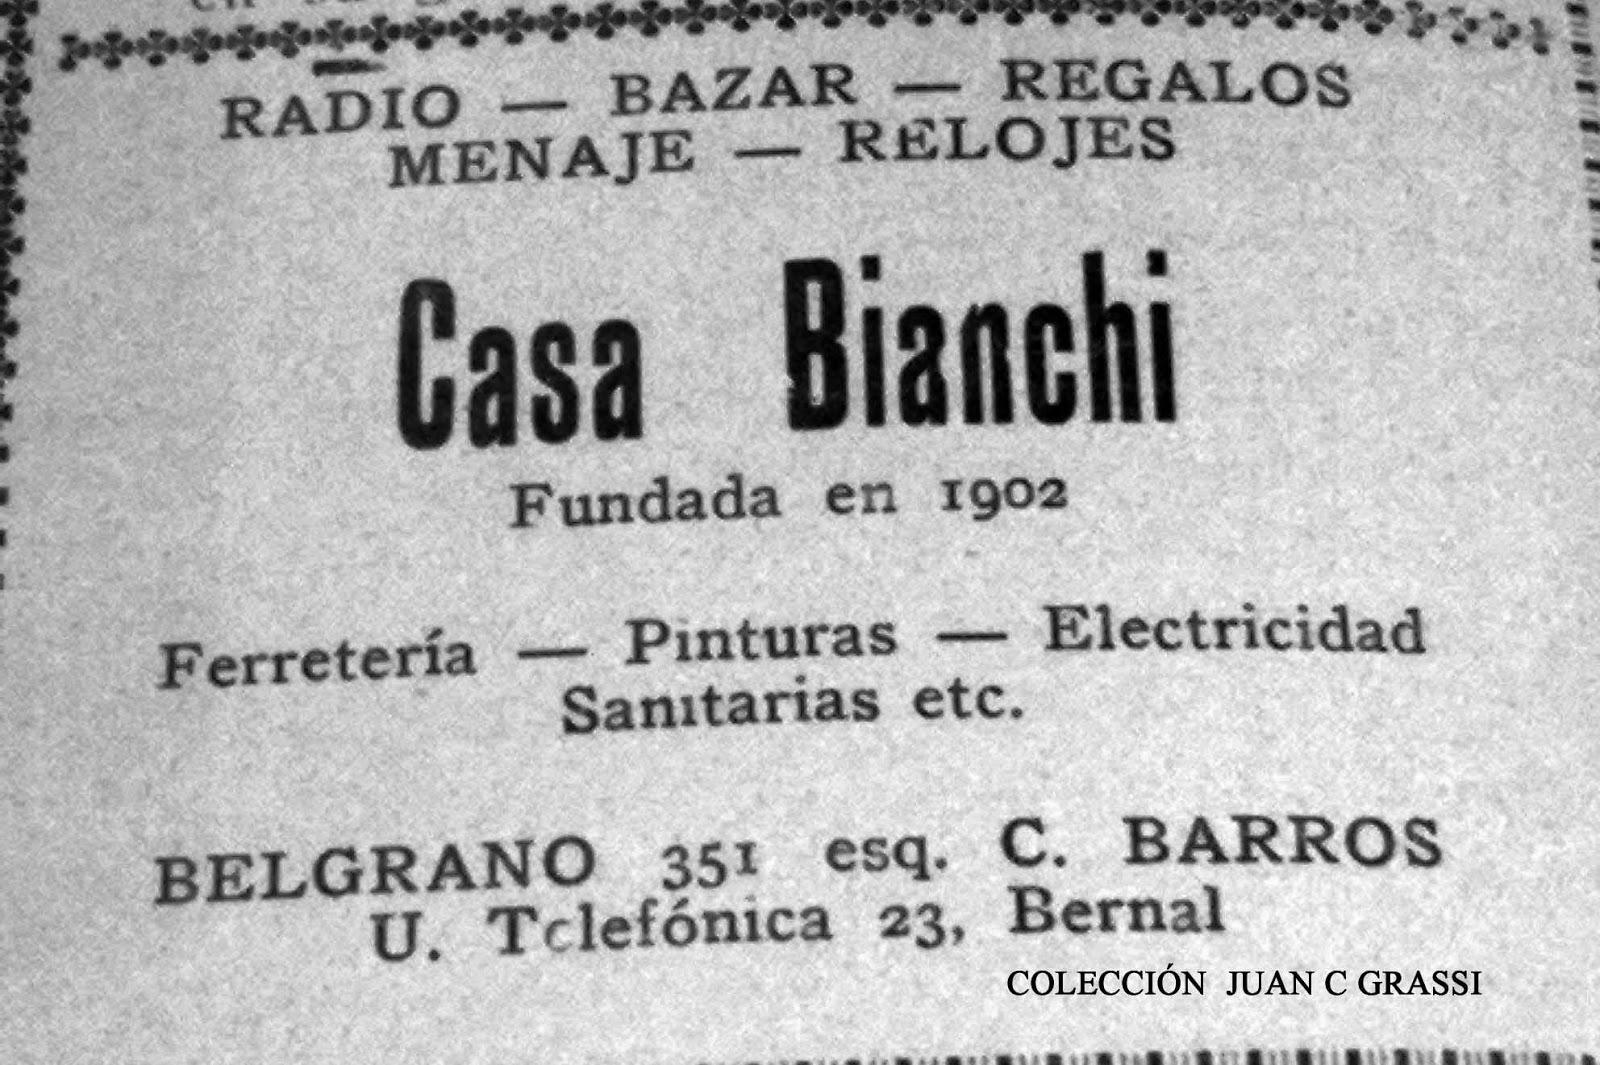 Resultado de imagen para Belgrano y Castro Barros,Bernal